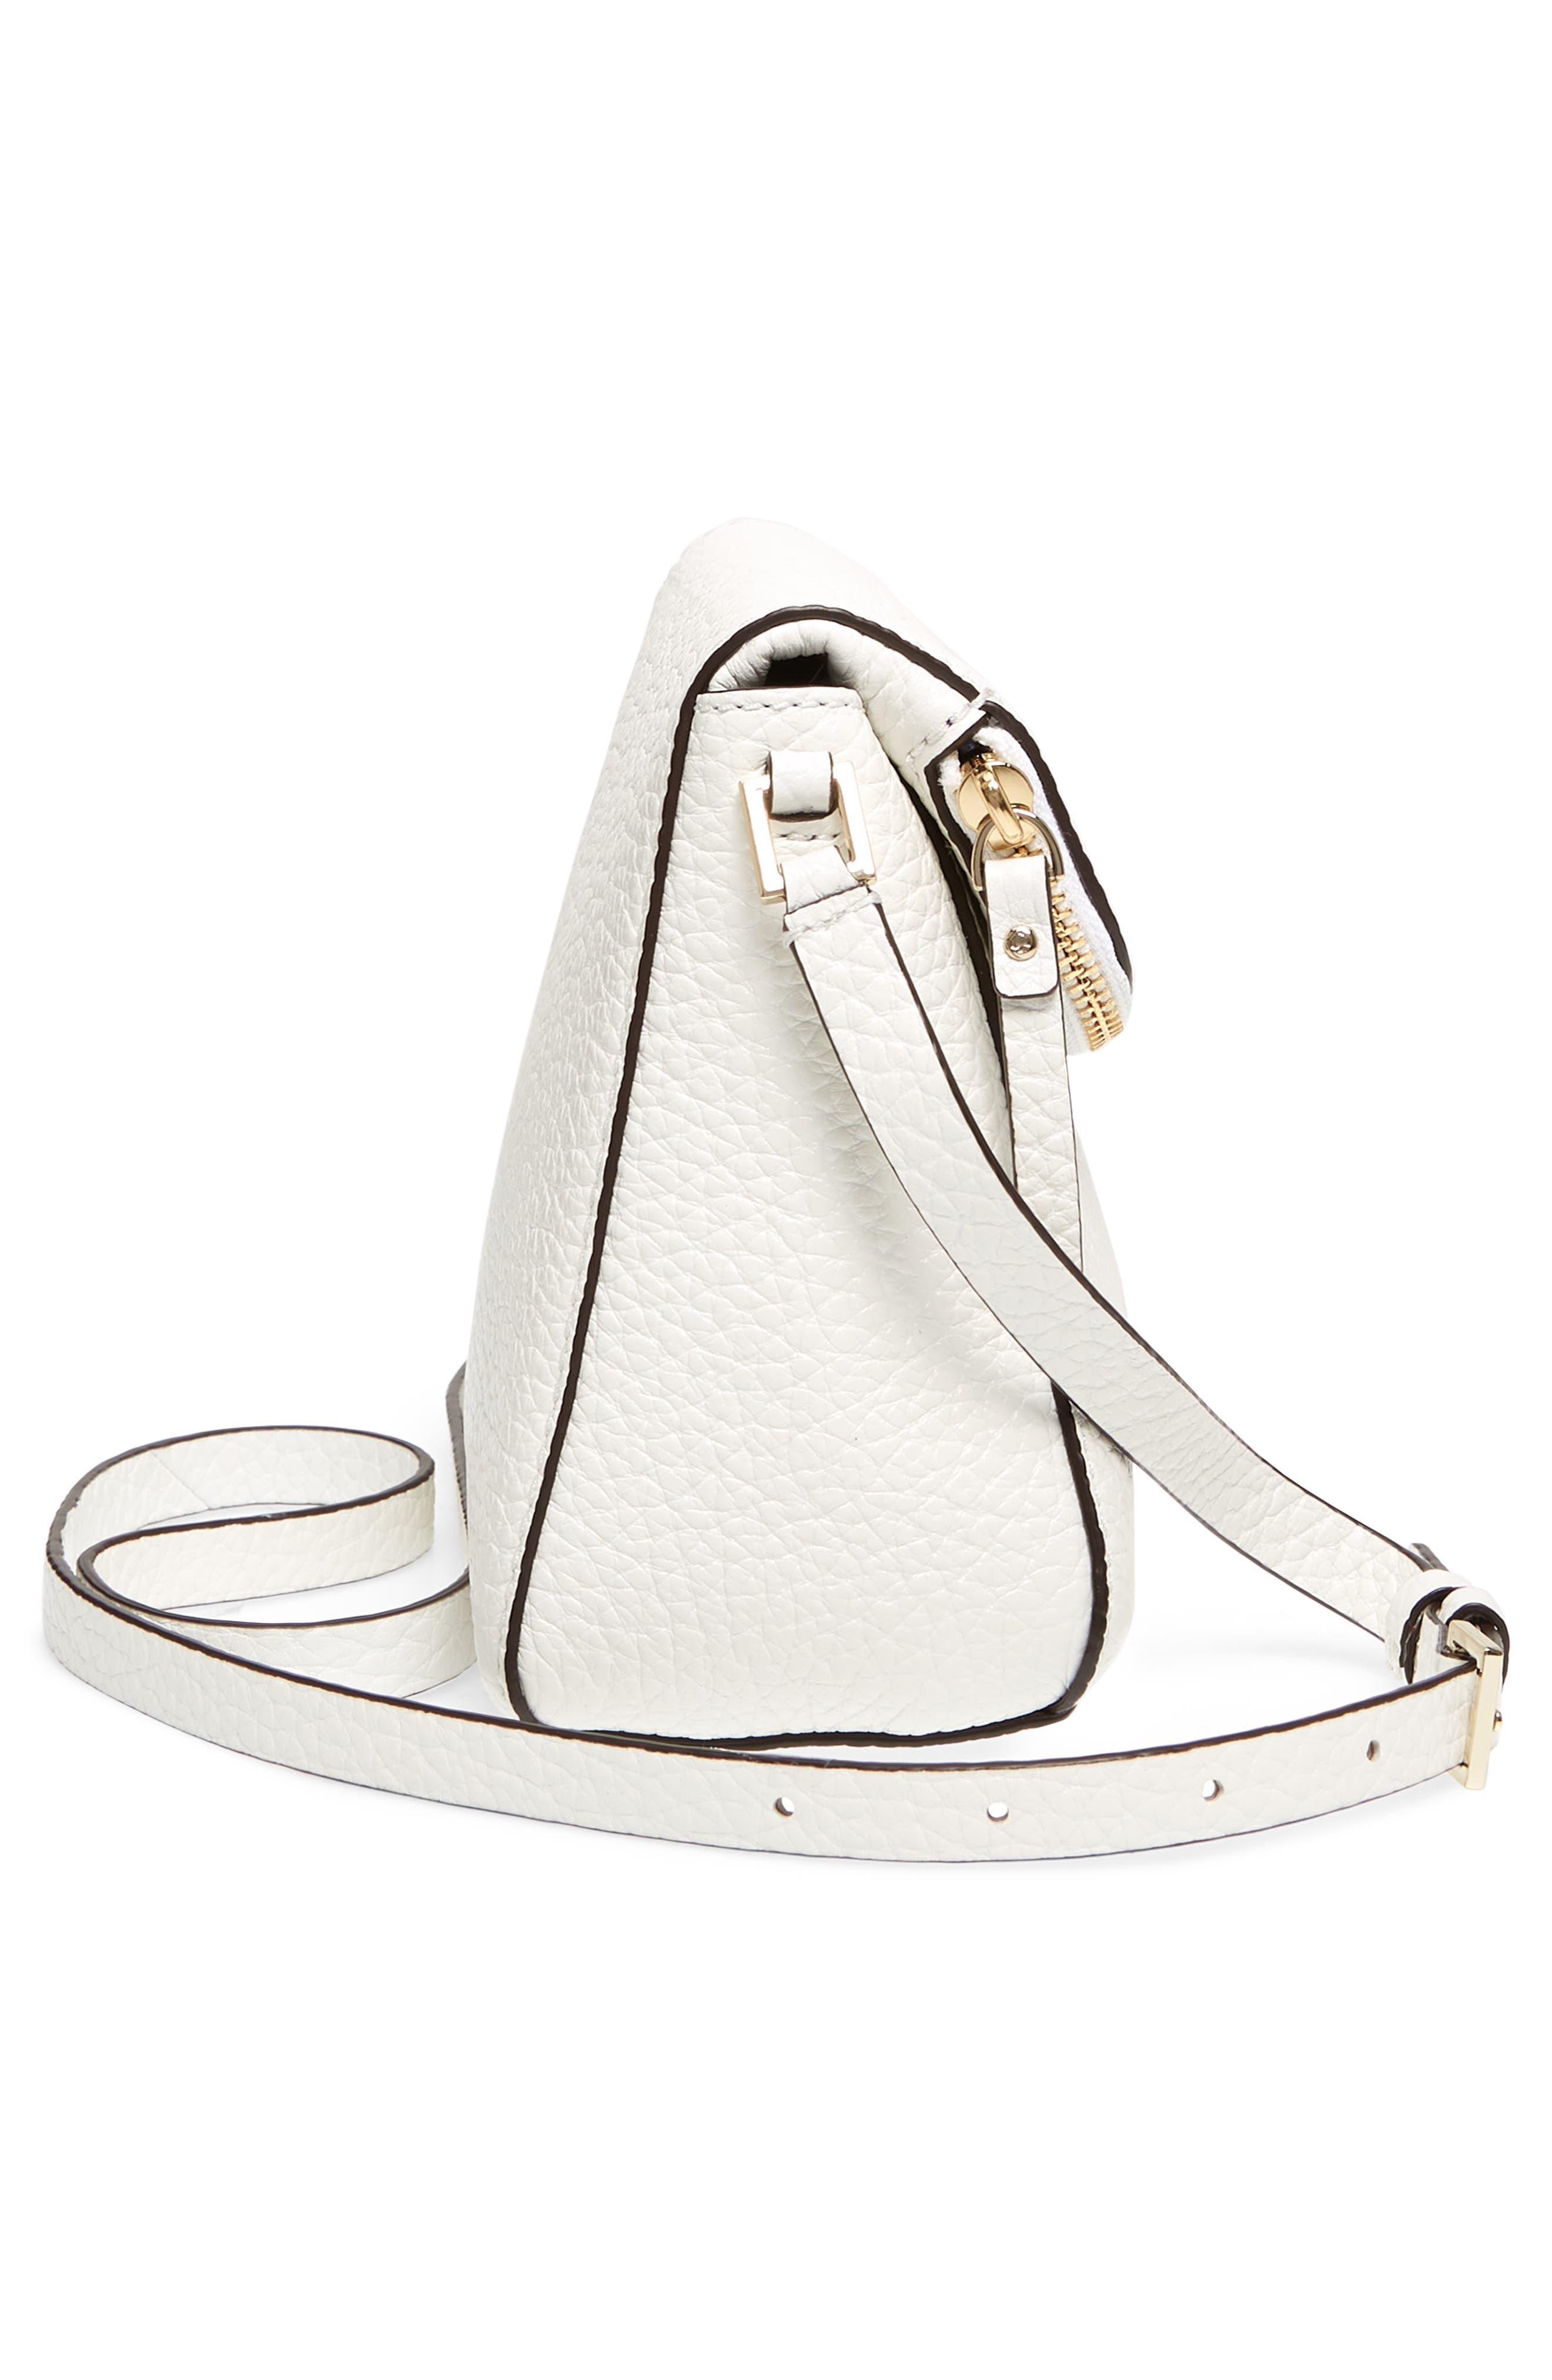 carter street - berrin leather crossbody bag,                             Alternate thumbnail 4, color,                             Bright White